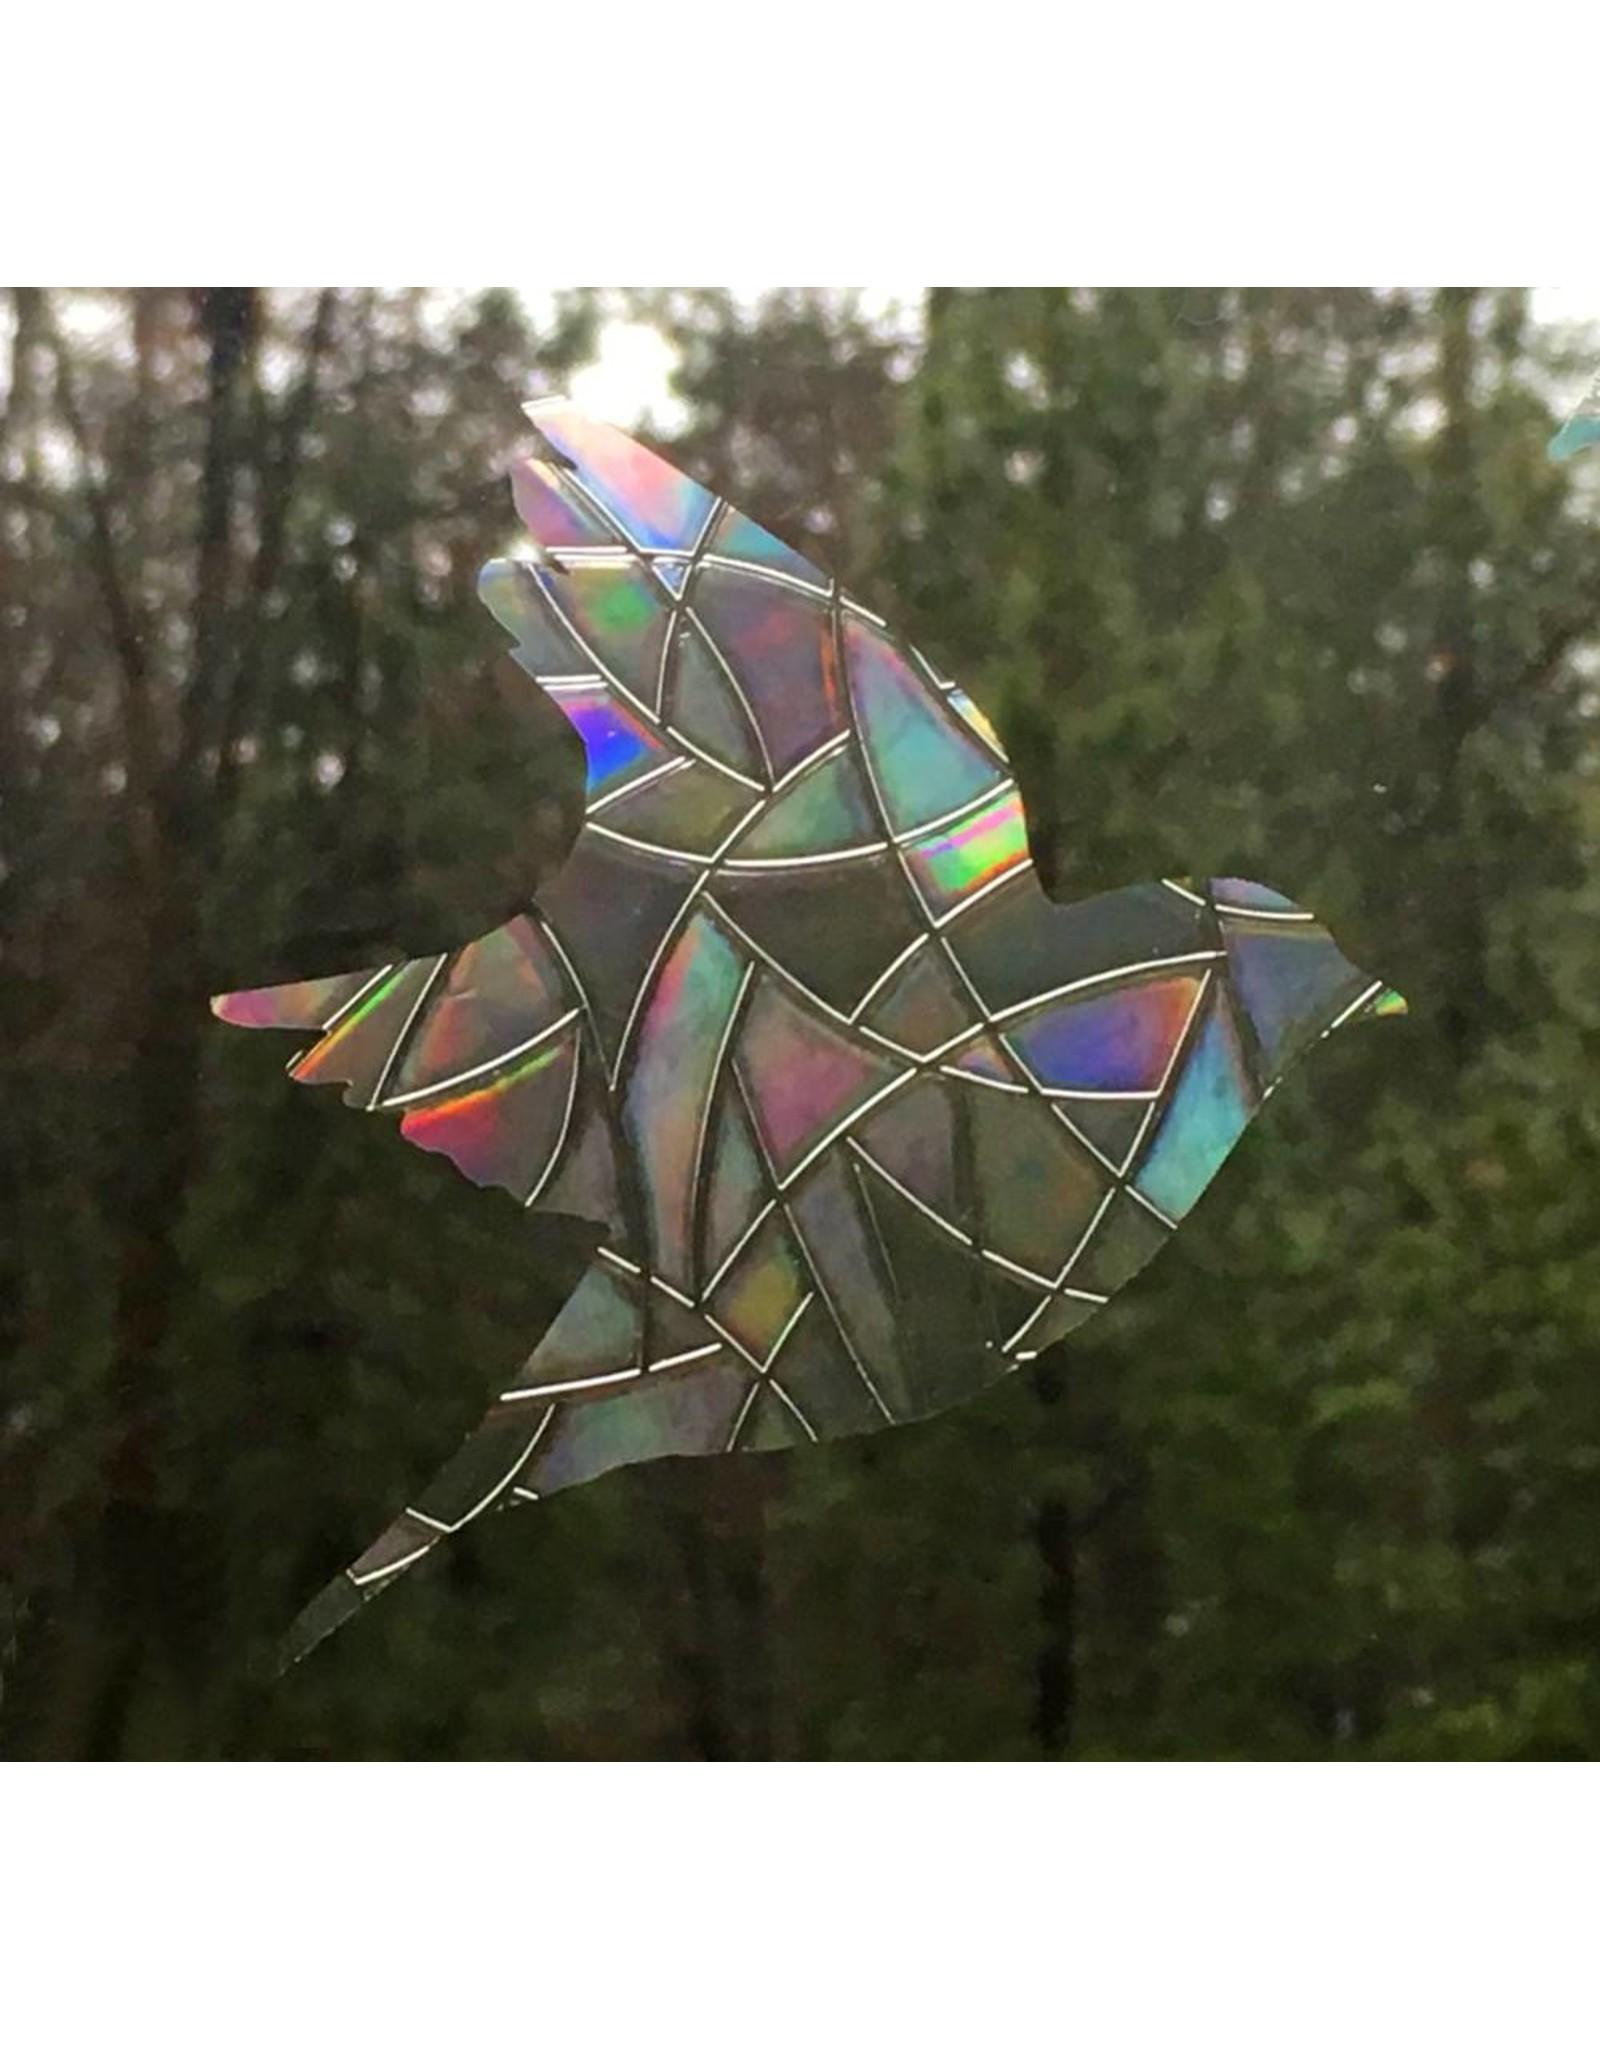 Baby Cricket Window Gems, Bird Series, 7 gems in package, Made in Mt Shasta